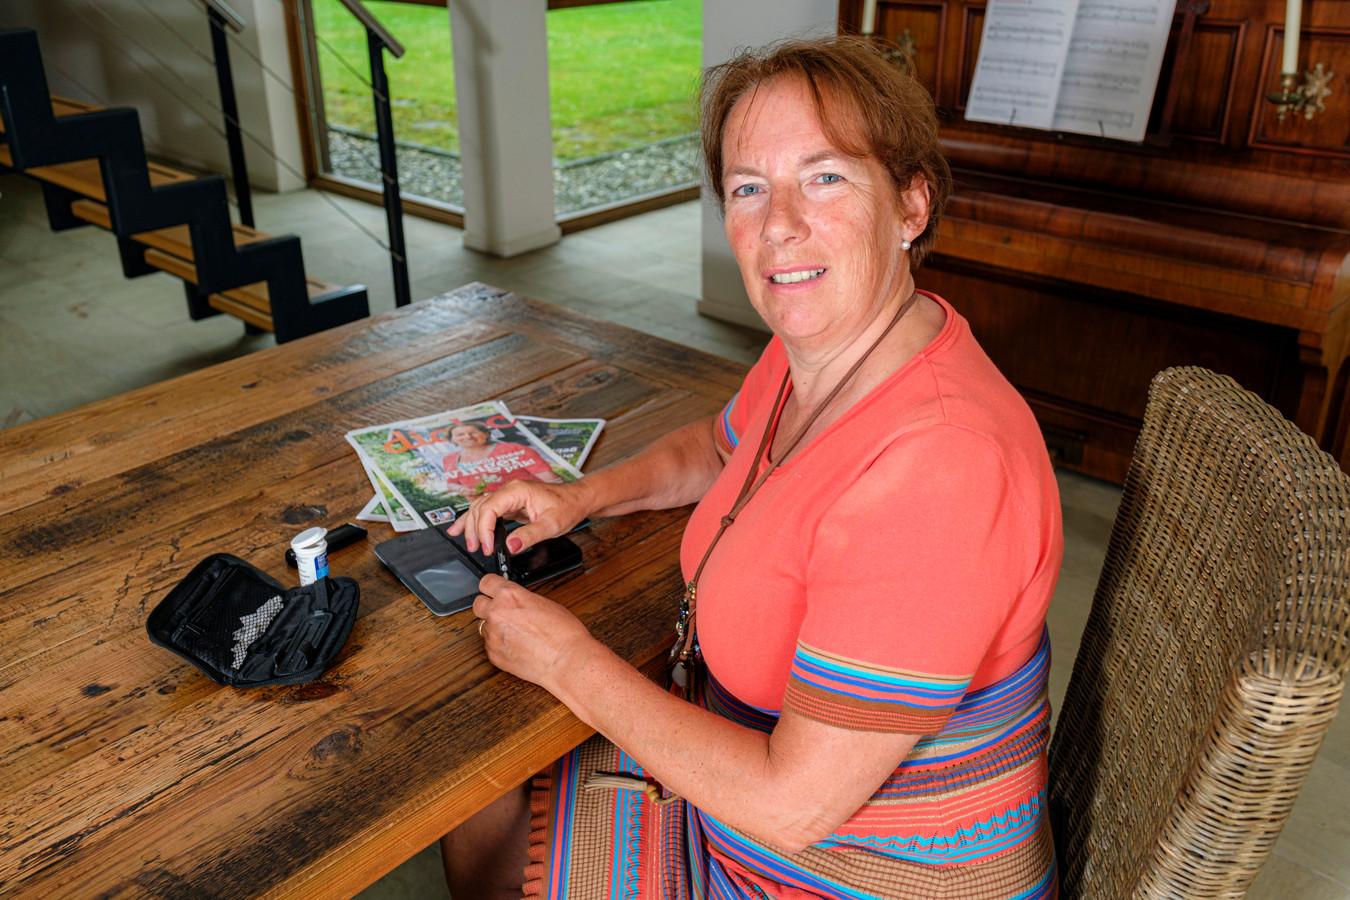 Angela de Rooij doet de zelfcontroletest voor diabetes-2 gewoon thuis. De insulinewaarde wordt opgeslagen in haar telefoon en doorgestuurd naar haar arts. Telefonisch bespreekt zij dan de resultaten met haar arts.